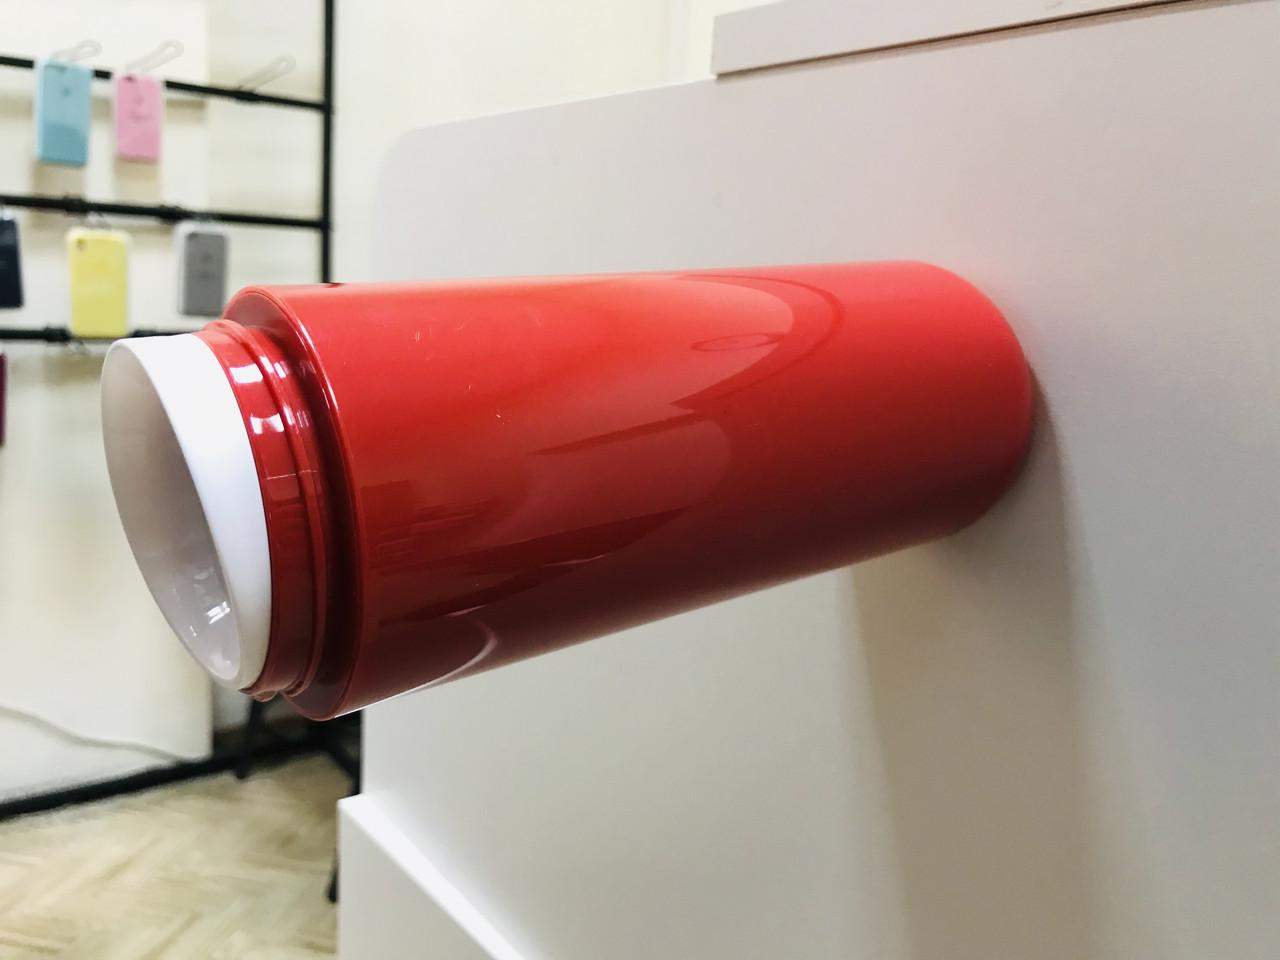 Компактный Антигравитационный Мини-термос 400 мл Never spill over. Лучшая Цена! - фото 7